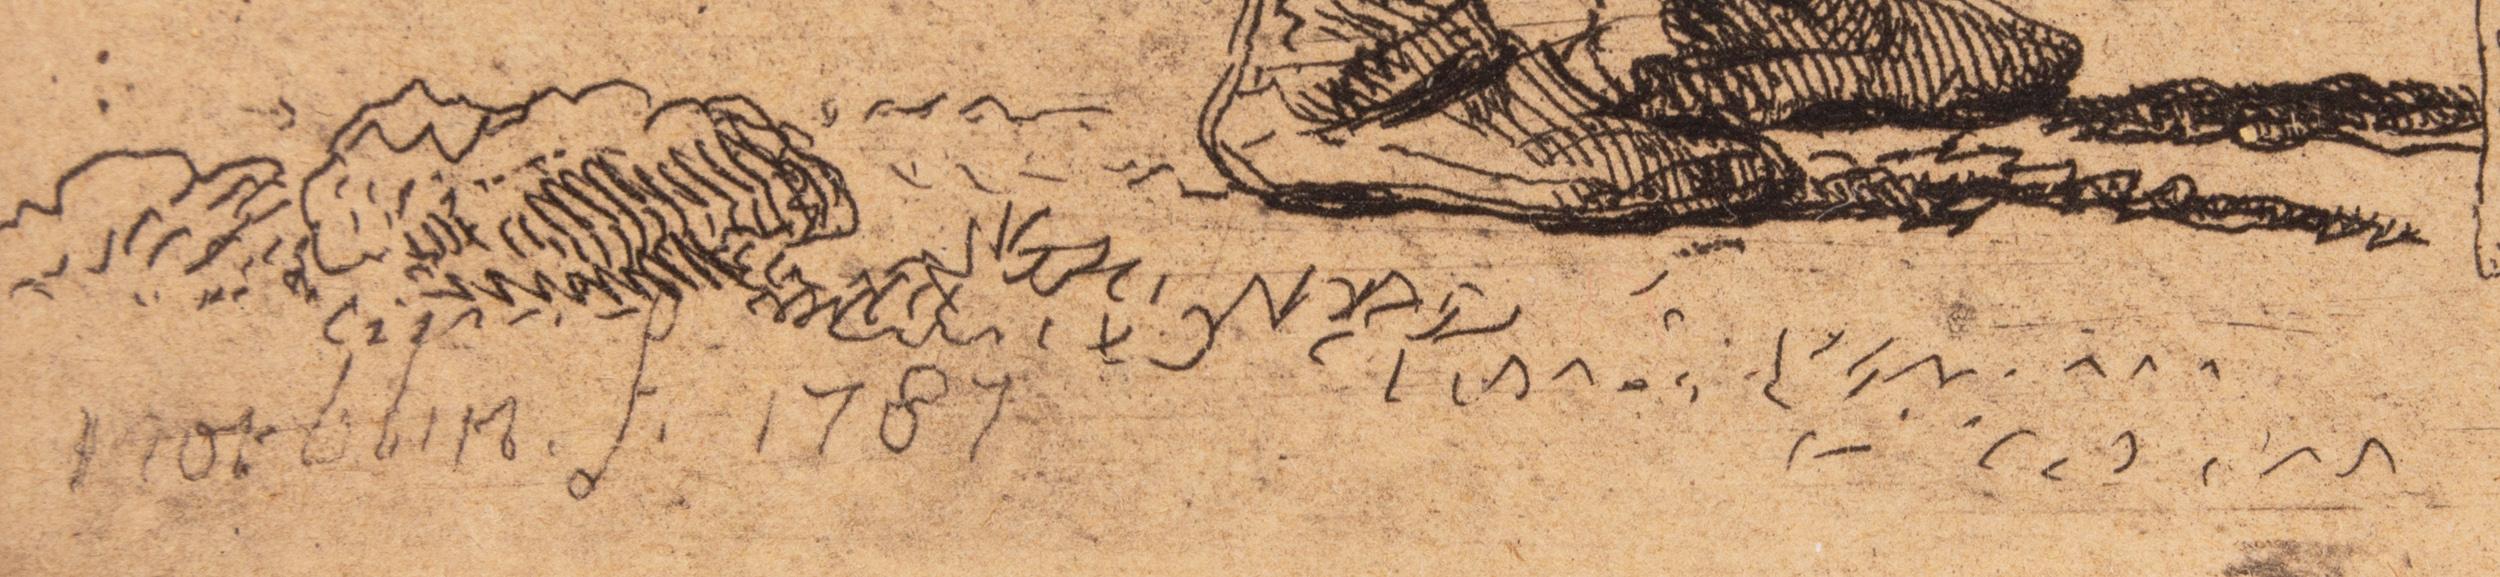 """Oznaczenie literowe """"f"""" (""""fecit"""") na płycie przy sygnaturze Jana Piotra Norblina, źródło: Salon Dzieł Sztuki Connaisseur"""